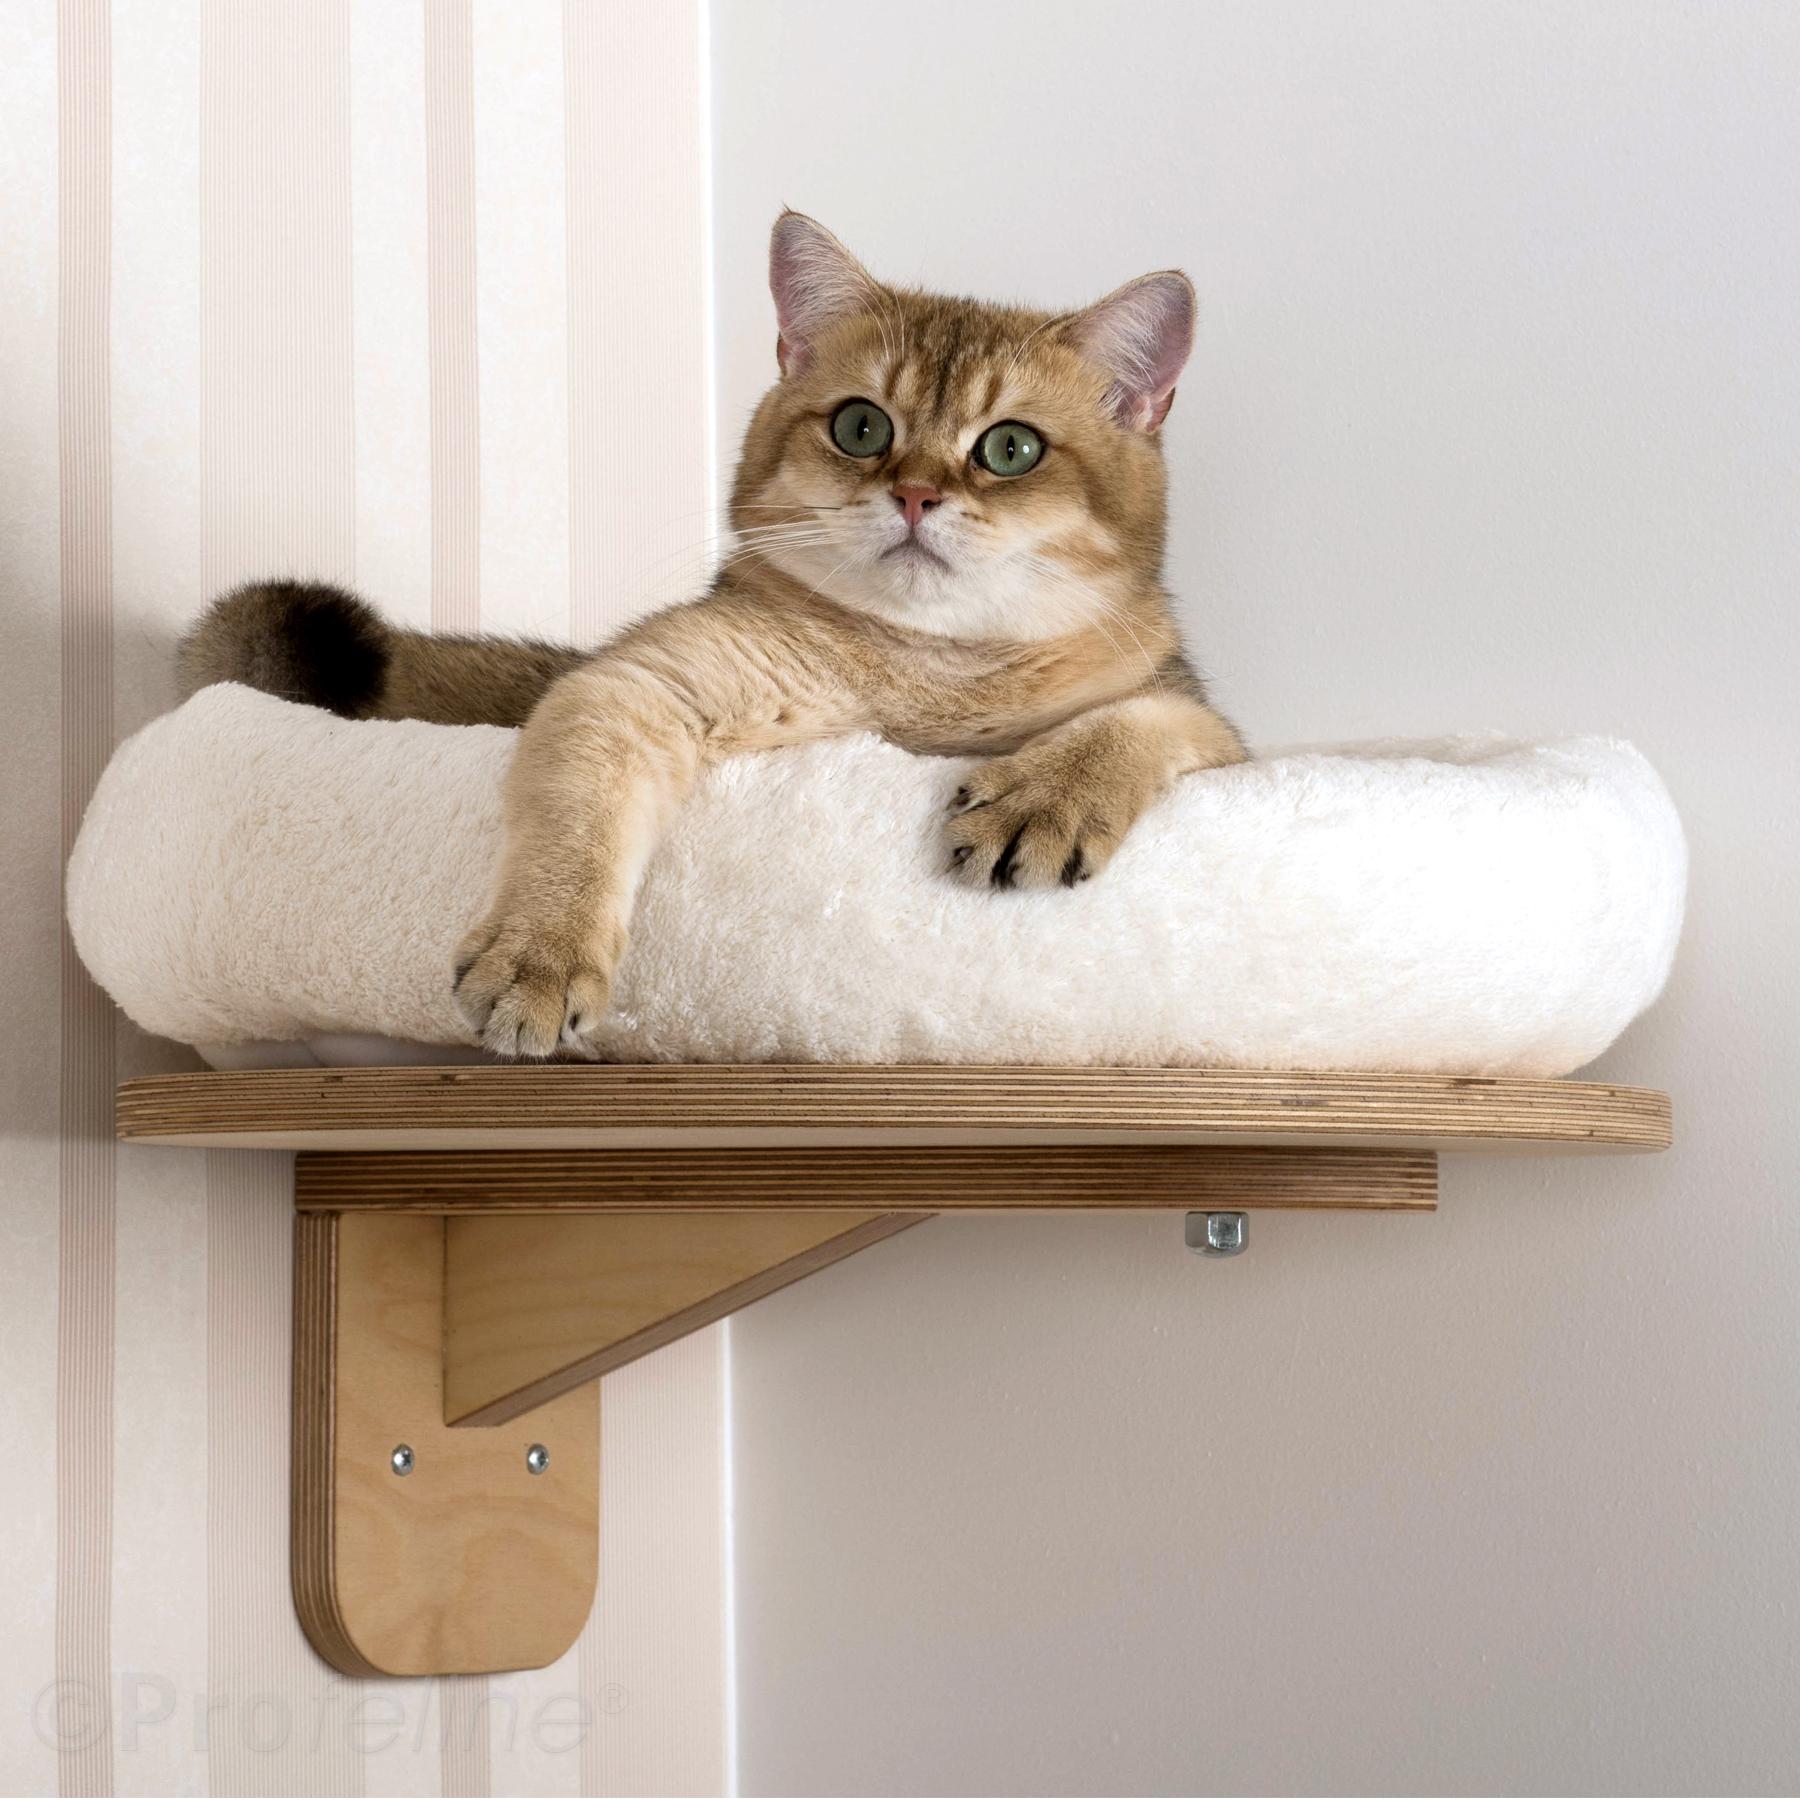 katzen wand platzsparende m bel viele katzen an der wand youtube golden willow katzen wand. Black Bedroom Furniture Sets. Home Design Ideas